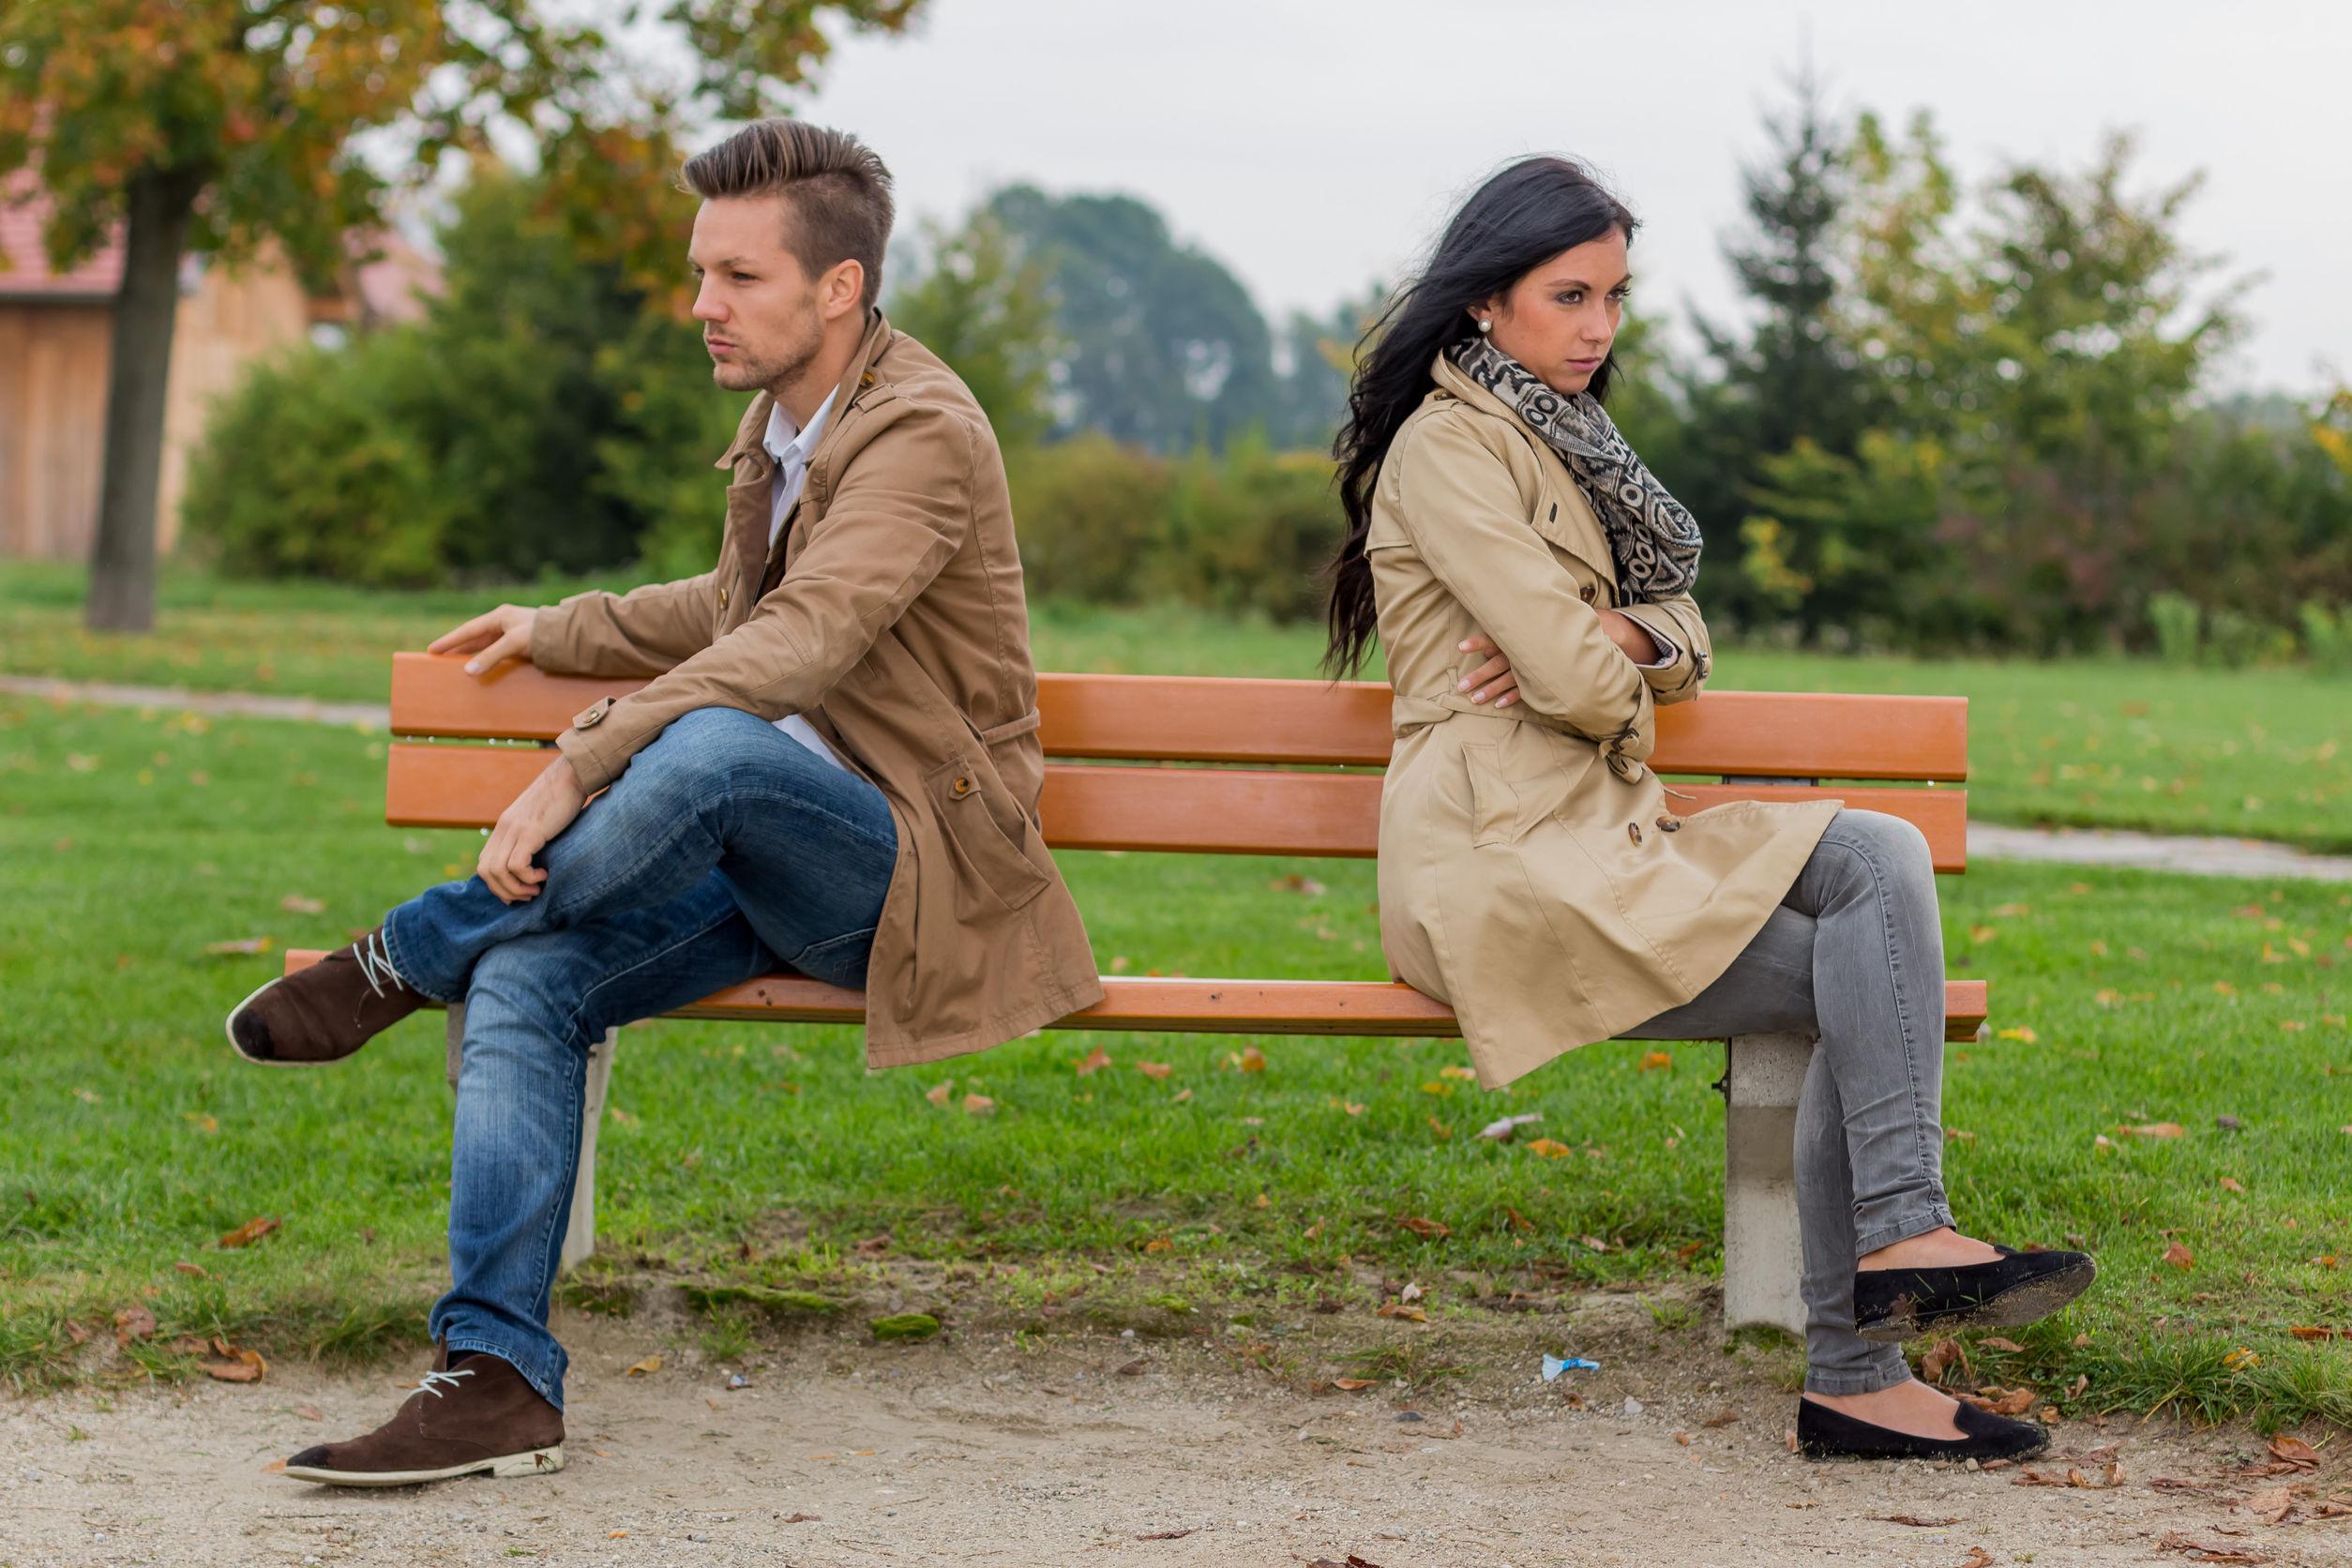 Tactics for Obtaining Custody from a Narcissist - Babbitt & Dahlberg